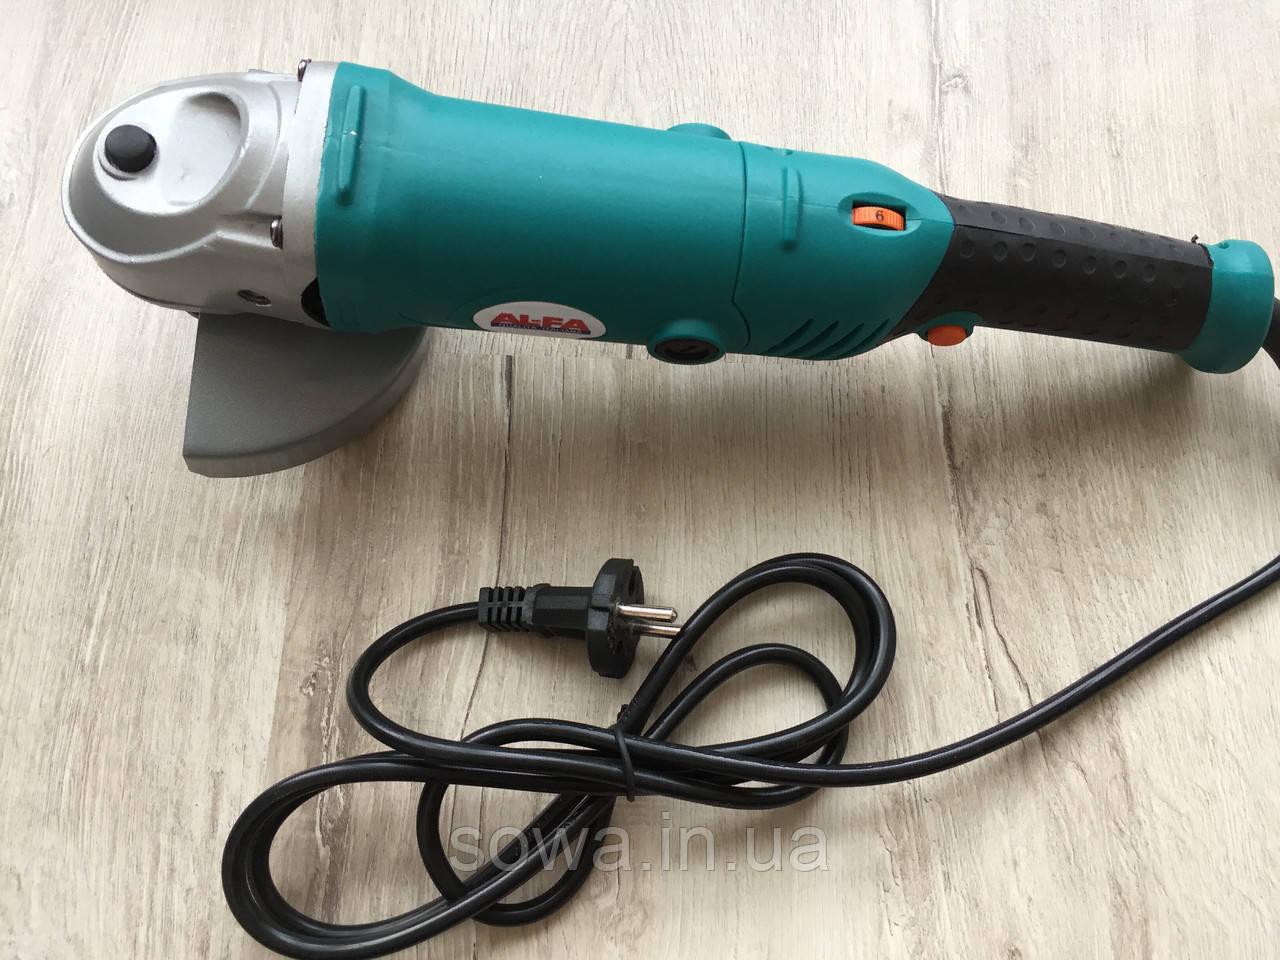 Болгарка AL-FA AG219 + регулятор оборотов ( 1400 Вт, 125 мм, Гарантия качества )